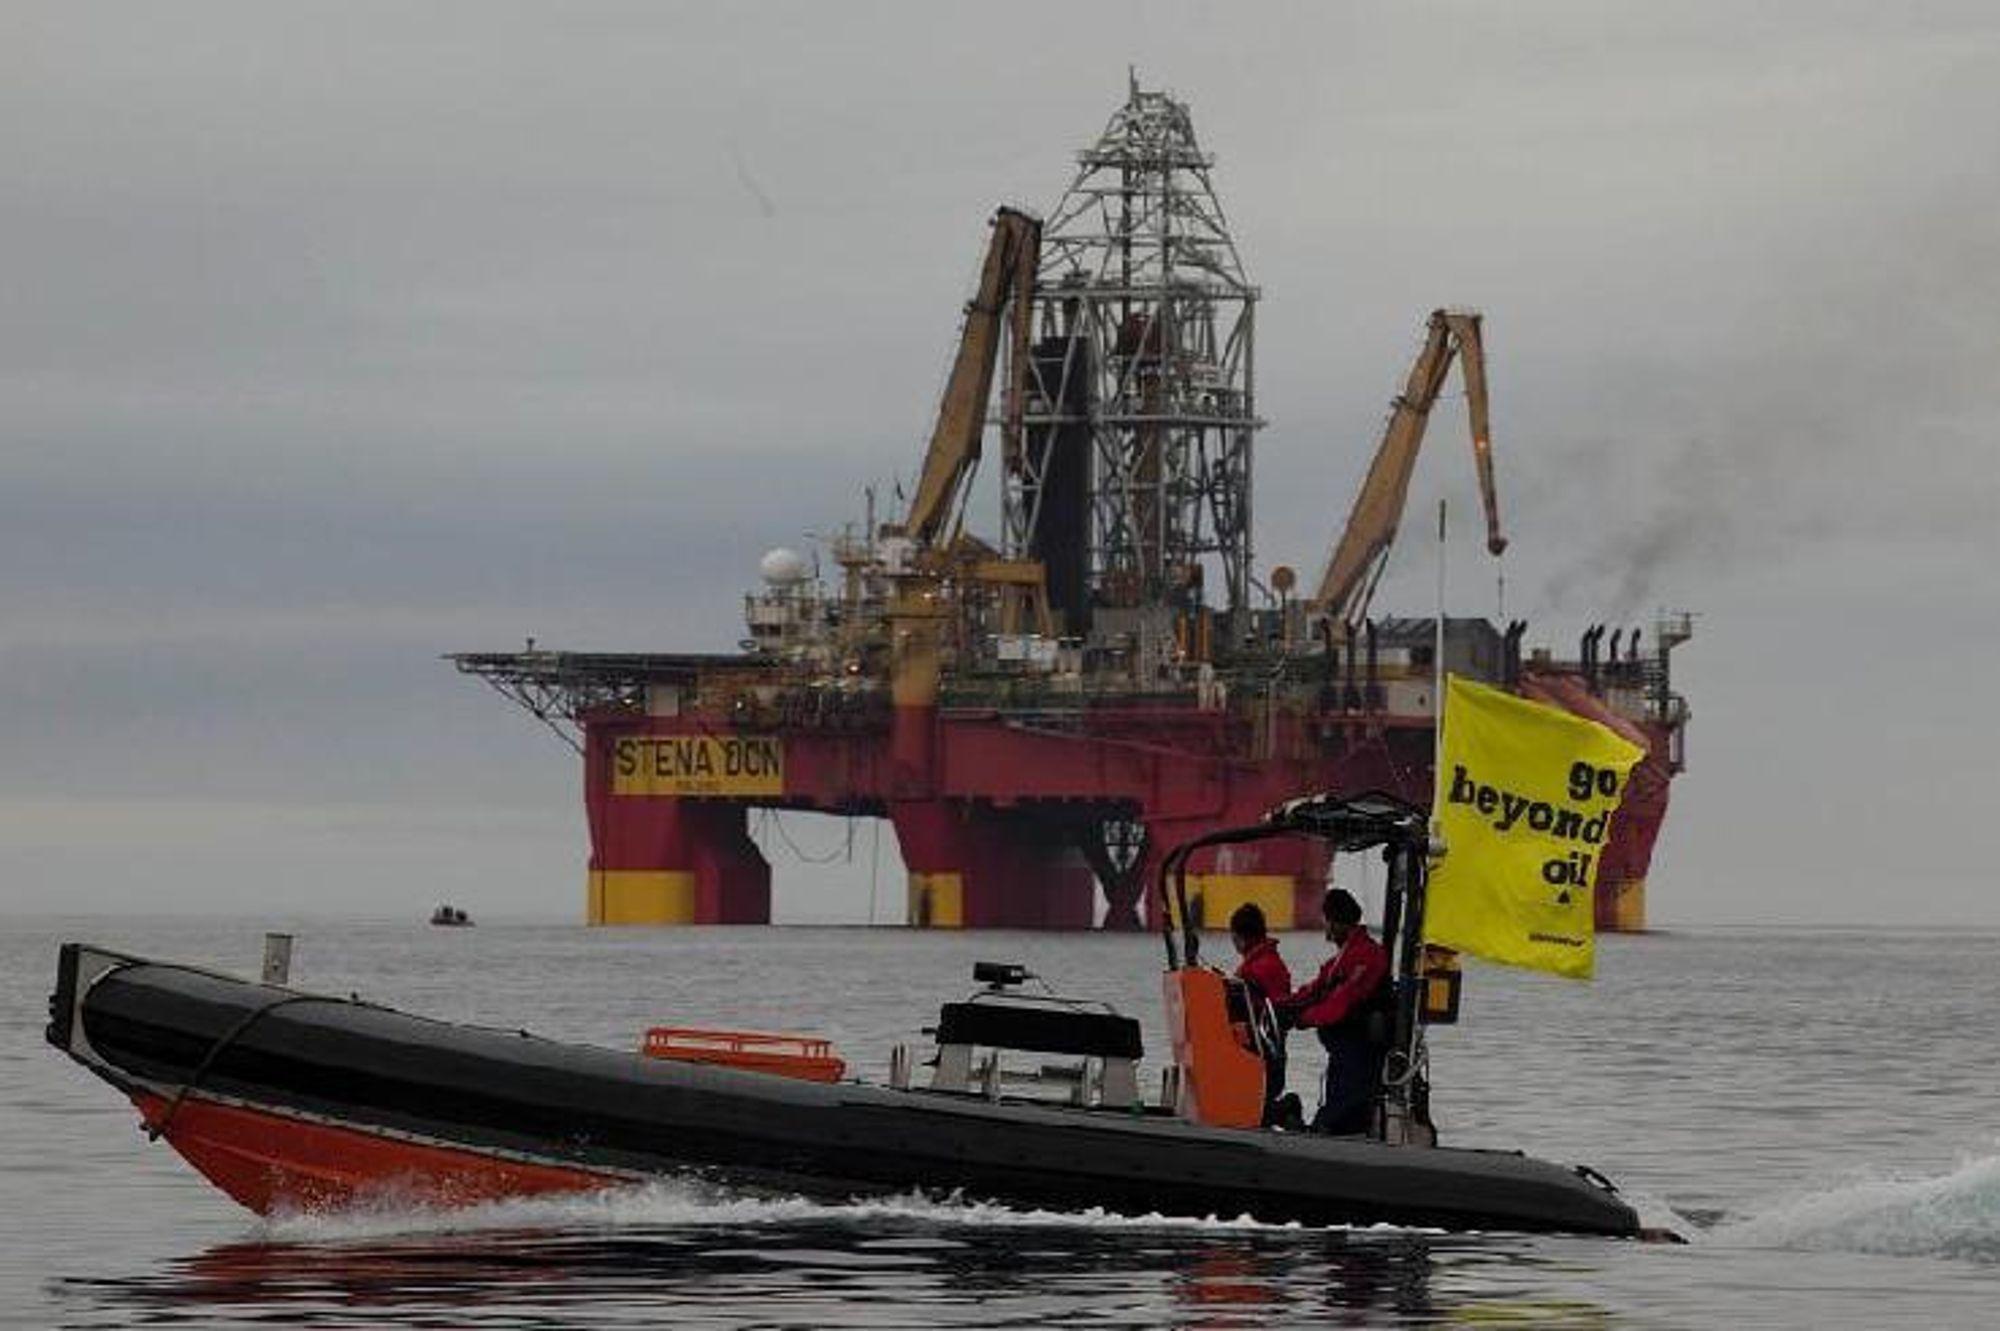 FANT OLJE: Cairn Energy har funnet olje utenfor Grønland. De kaller funnet lovende, men Greenpeace mener dette er en svart dag for Grønland.